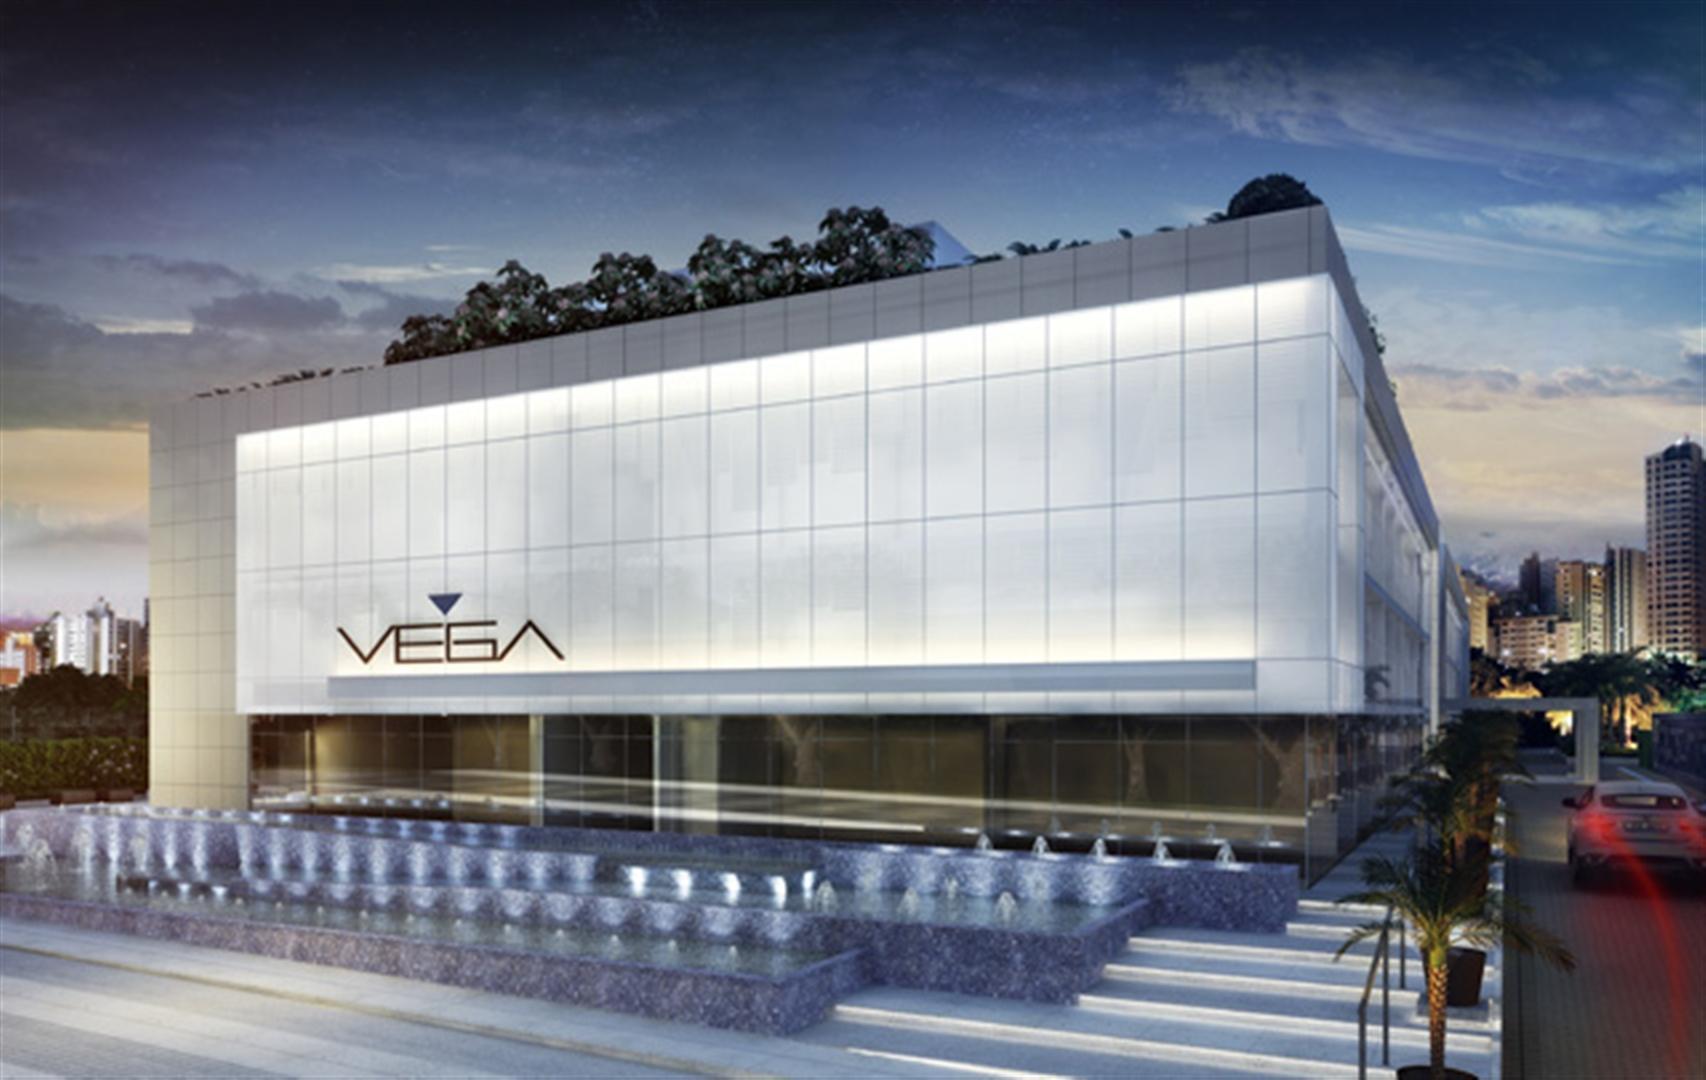 Fachada | Vega – Salas Comerciaisna  Asa Norte  - Brasília - Distrito Federal